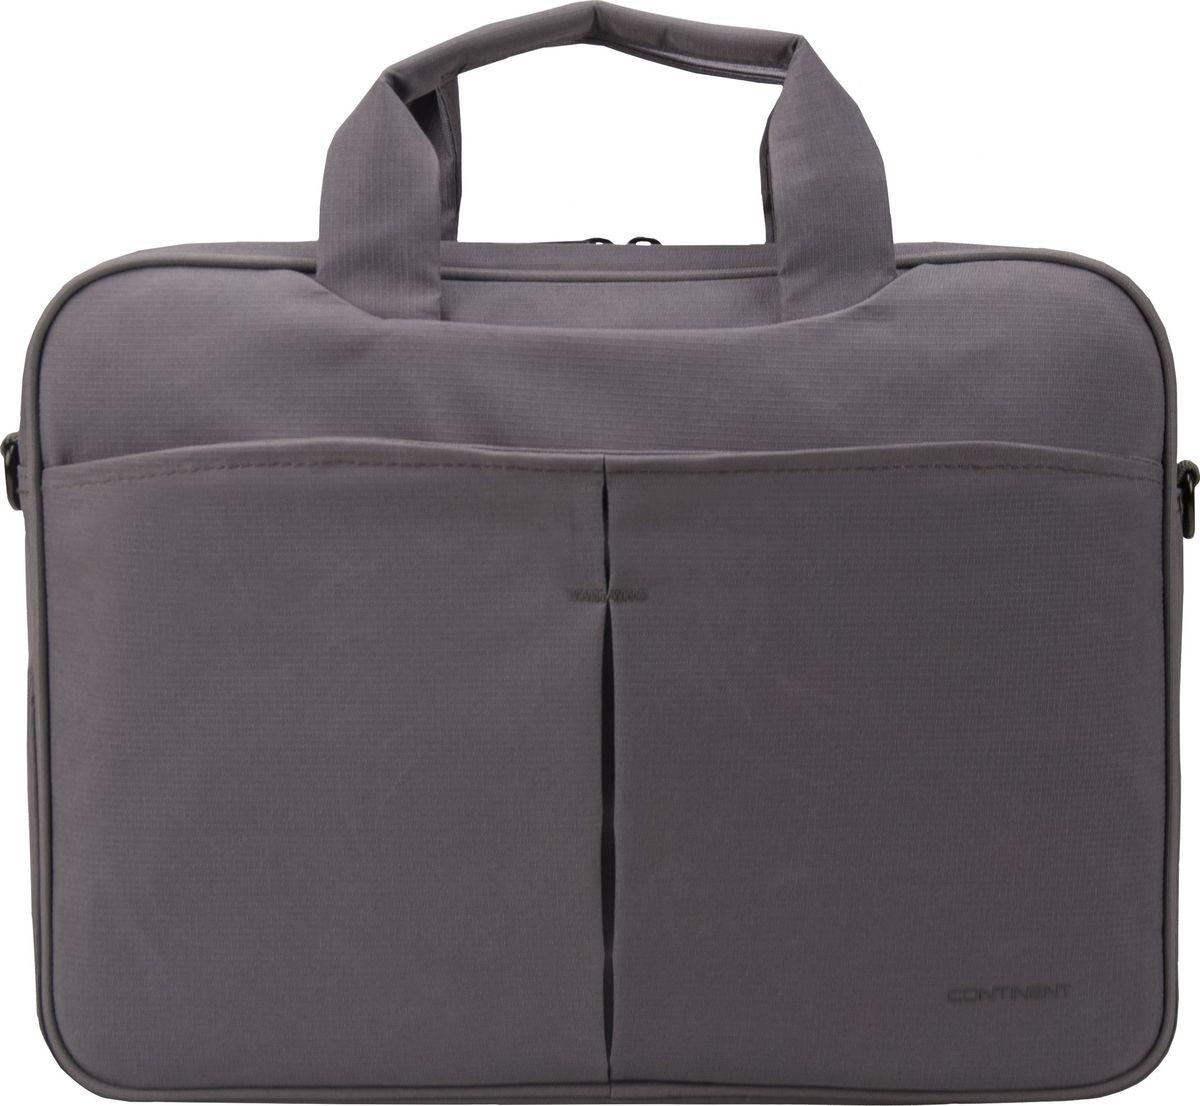 Continent CC-014, Grey сумка для ноутбука 13,300-5000355Continent CC-014 - удобная и практичная сумка, предназначенная для переноски ноутбука. Она пригодится всем, кто много времени проводит в деловых командировках и туристических путешествиях, часто возит с собой мобильный компьютер, чтобы работать и развлекаться во время поездки.Сумка изготовлена из устойчивого к износу материала, снабжена удобной ручкой и плечевым ремнем. Ее создатели предусмотрели дополнительные карманы, в которых можно хранить аксессуары для ноутбука, документы, различные полезные мелочи.